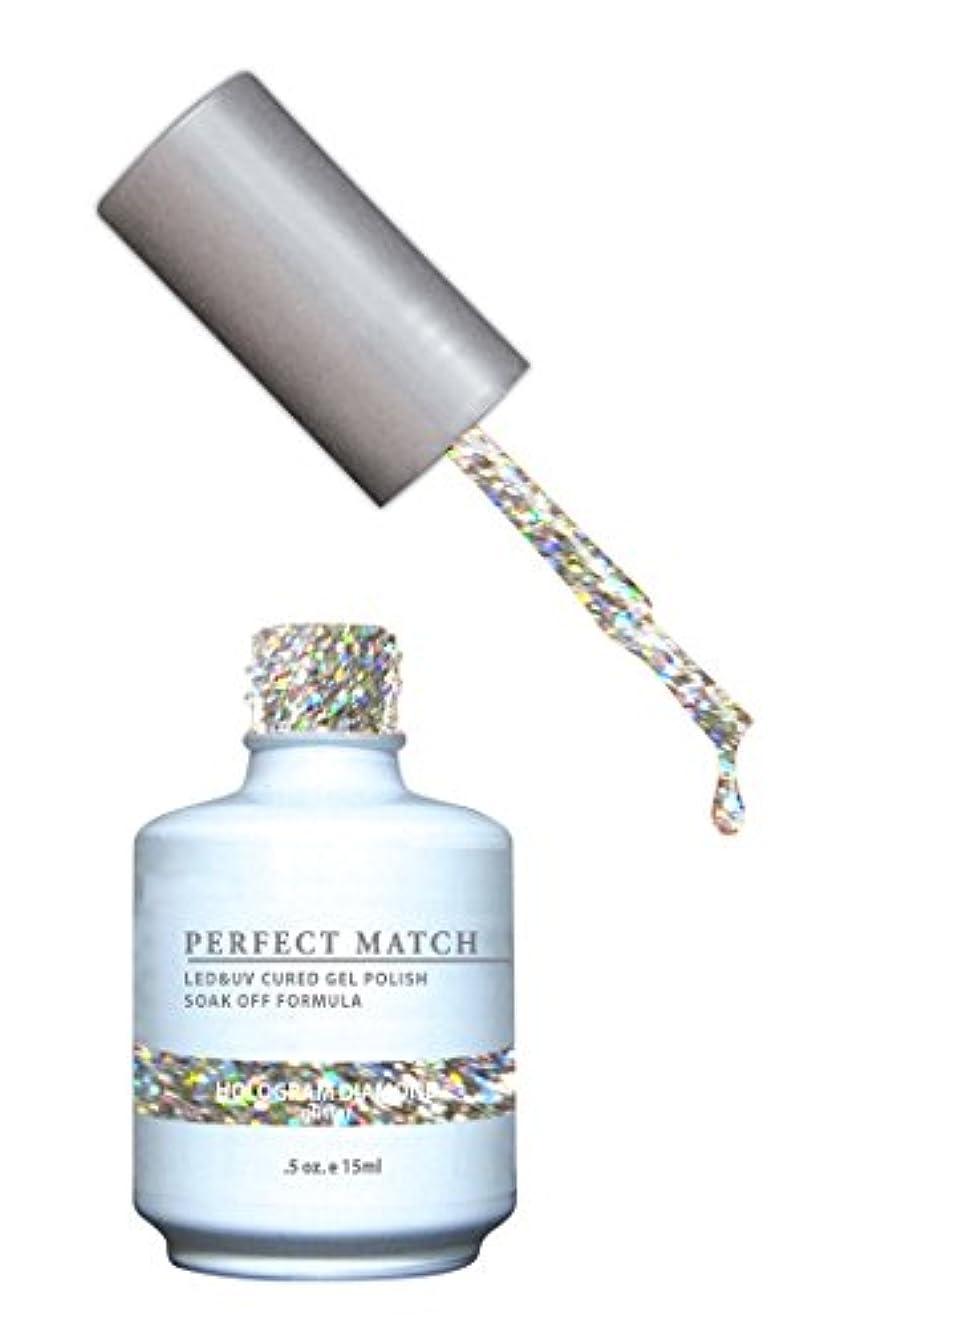 スコアチャームニコチンLeChat LECHATパーフェクトマッチマニキュア、 ホログラムダイヤモンド